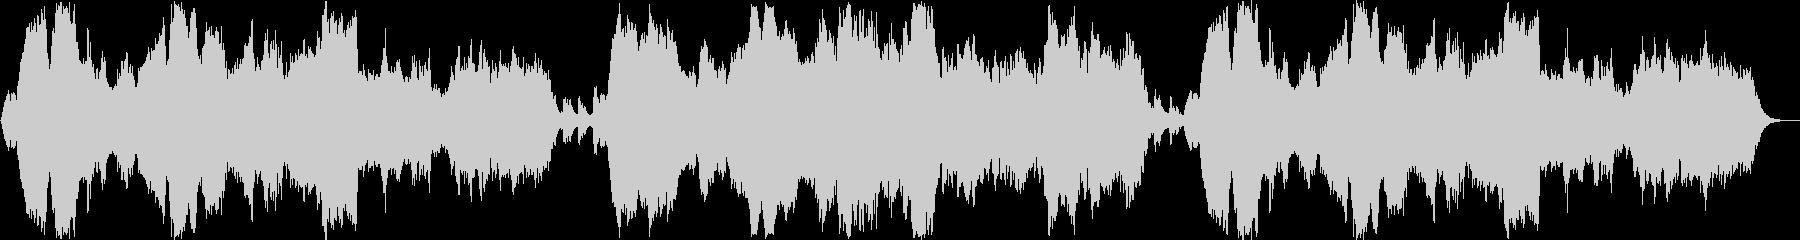 切ないバイオリン管楽器などのサウンドの未再生の波形